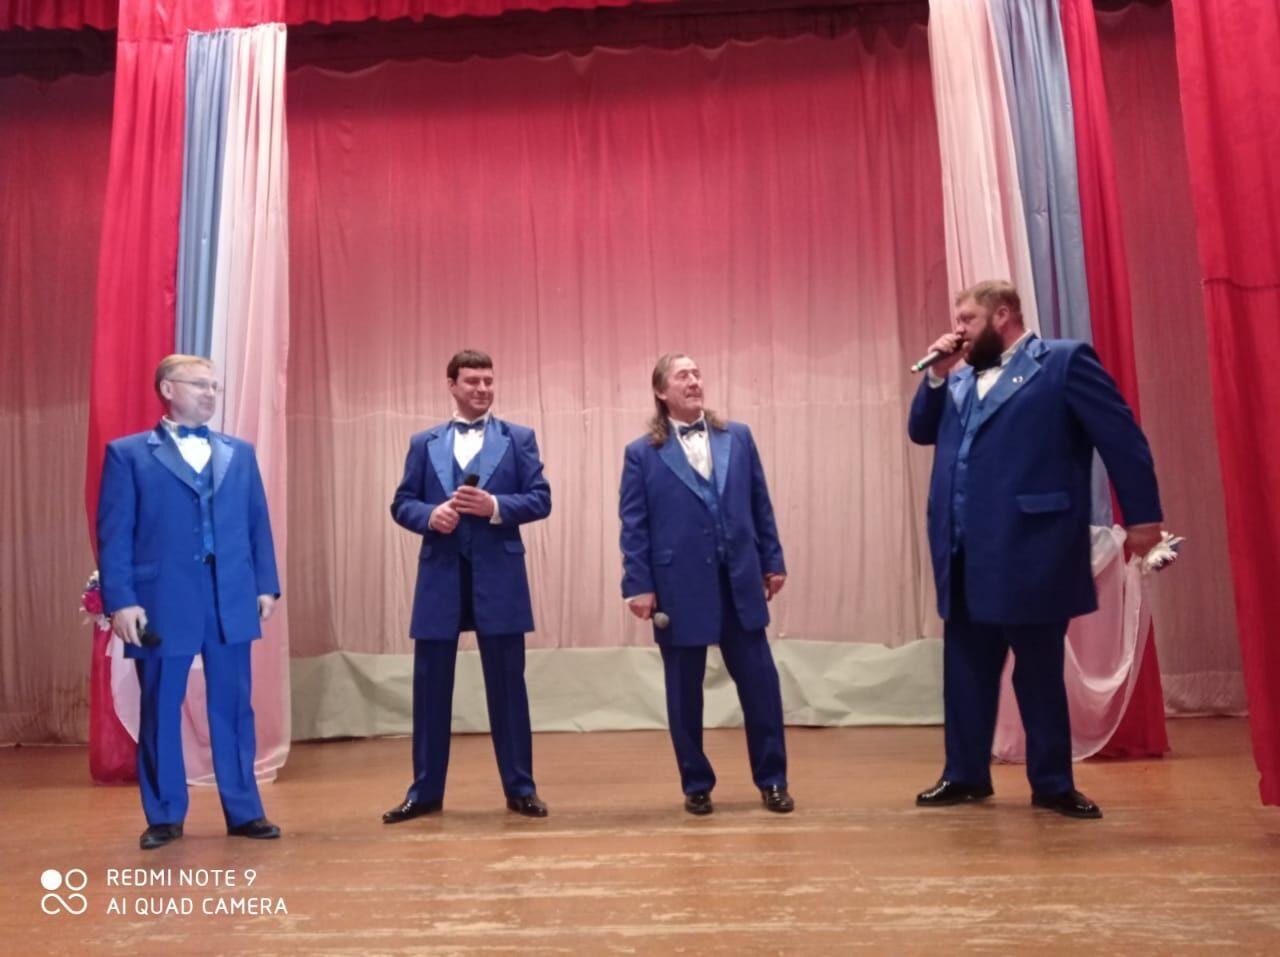 В сёлах Озёрки, Оркино и в посёлке Пригородный прошли концерты творческого коллектива районного Дома культуры